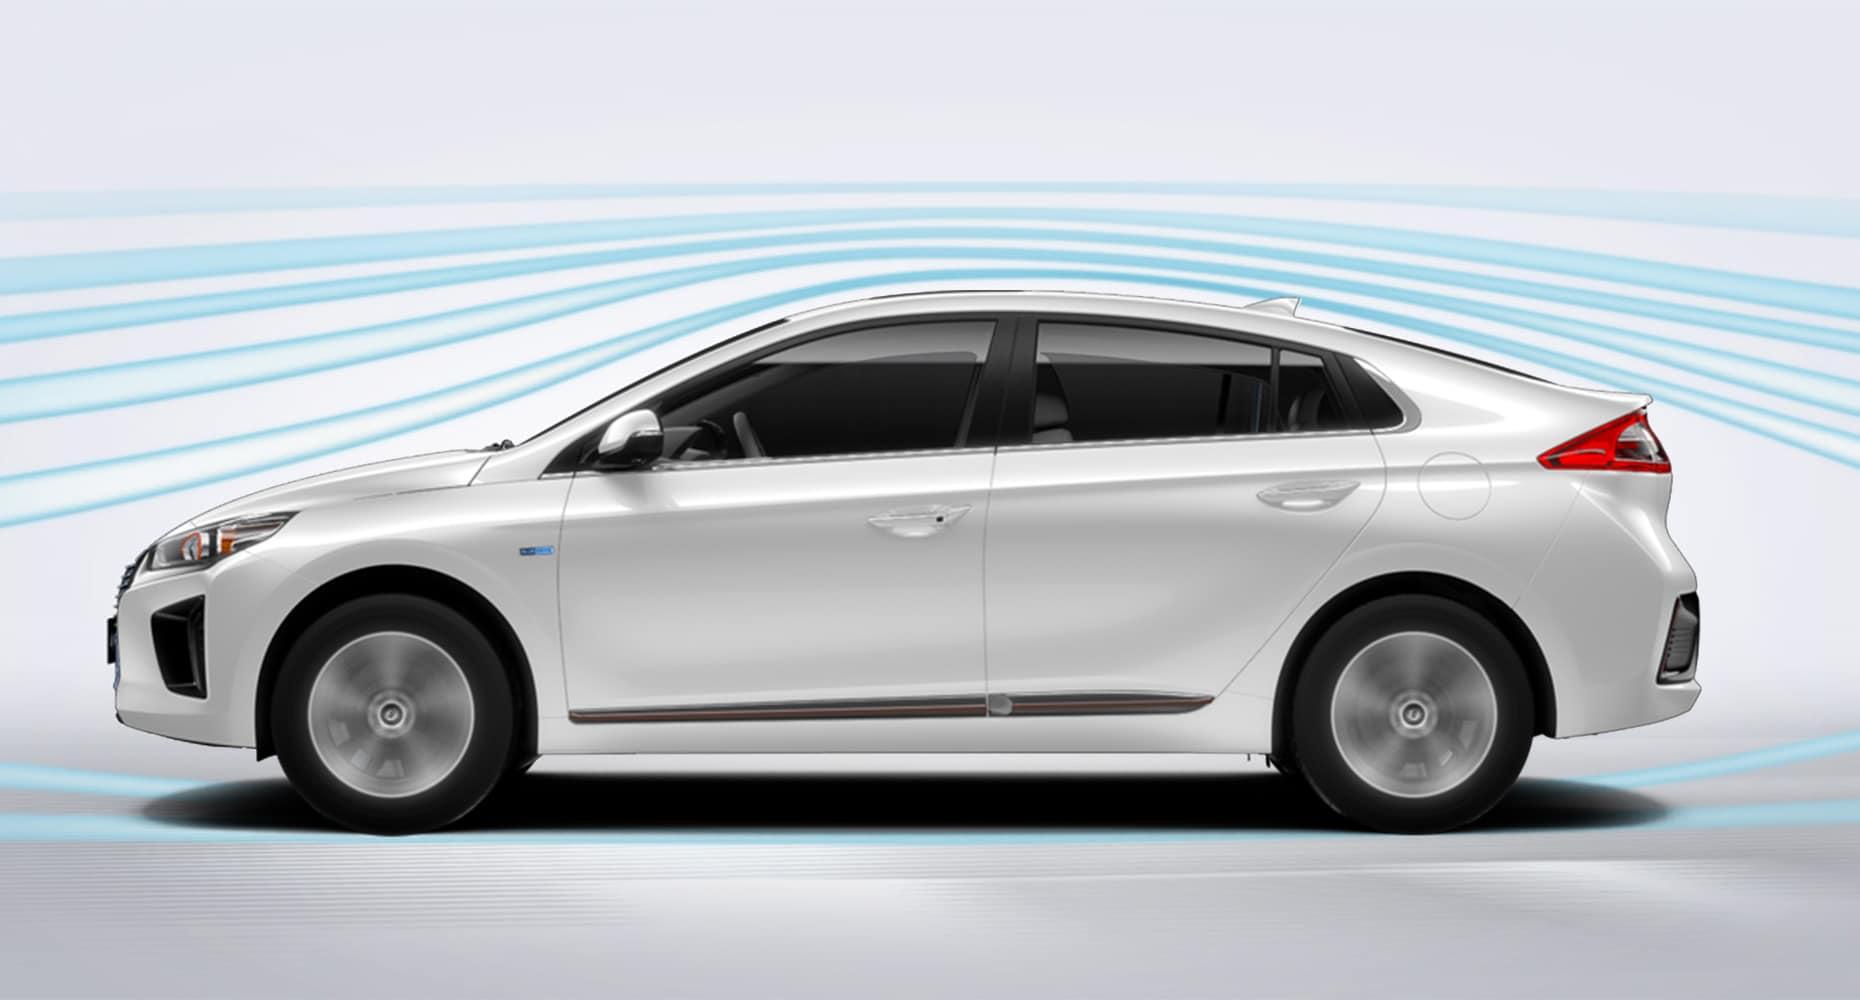 2019 Hyundai Ioniq Ev Ultimate Model Shown With Black Leather